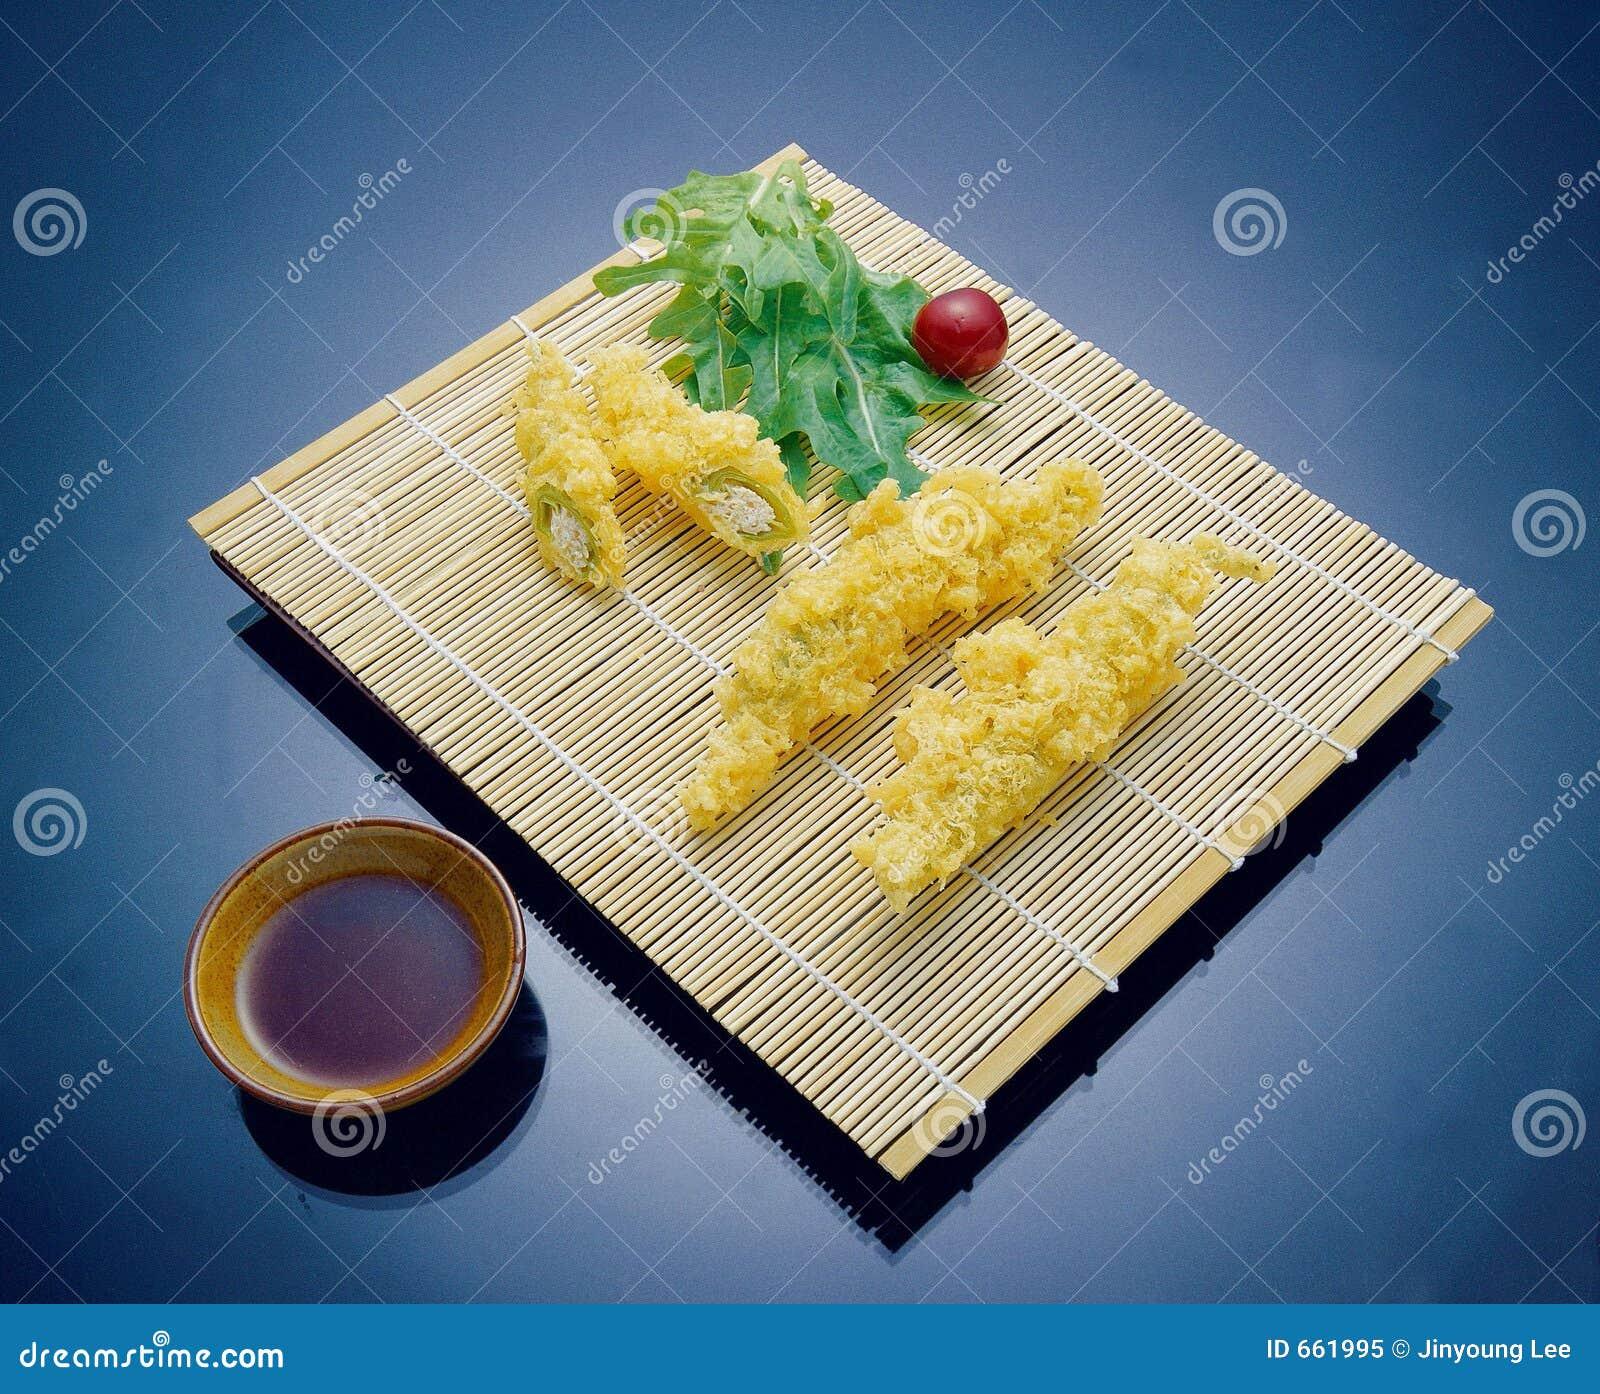 Ásia, Coreia, alimento, cultura, esteira, fritada, molho de soja, molho, dentro, luz, sombra, close-up, retângulo,